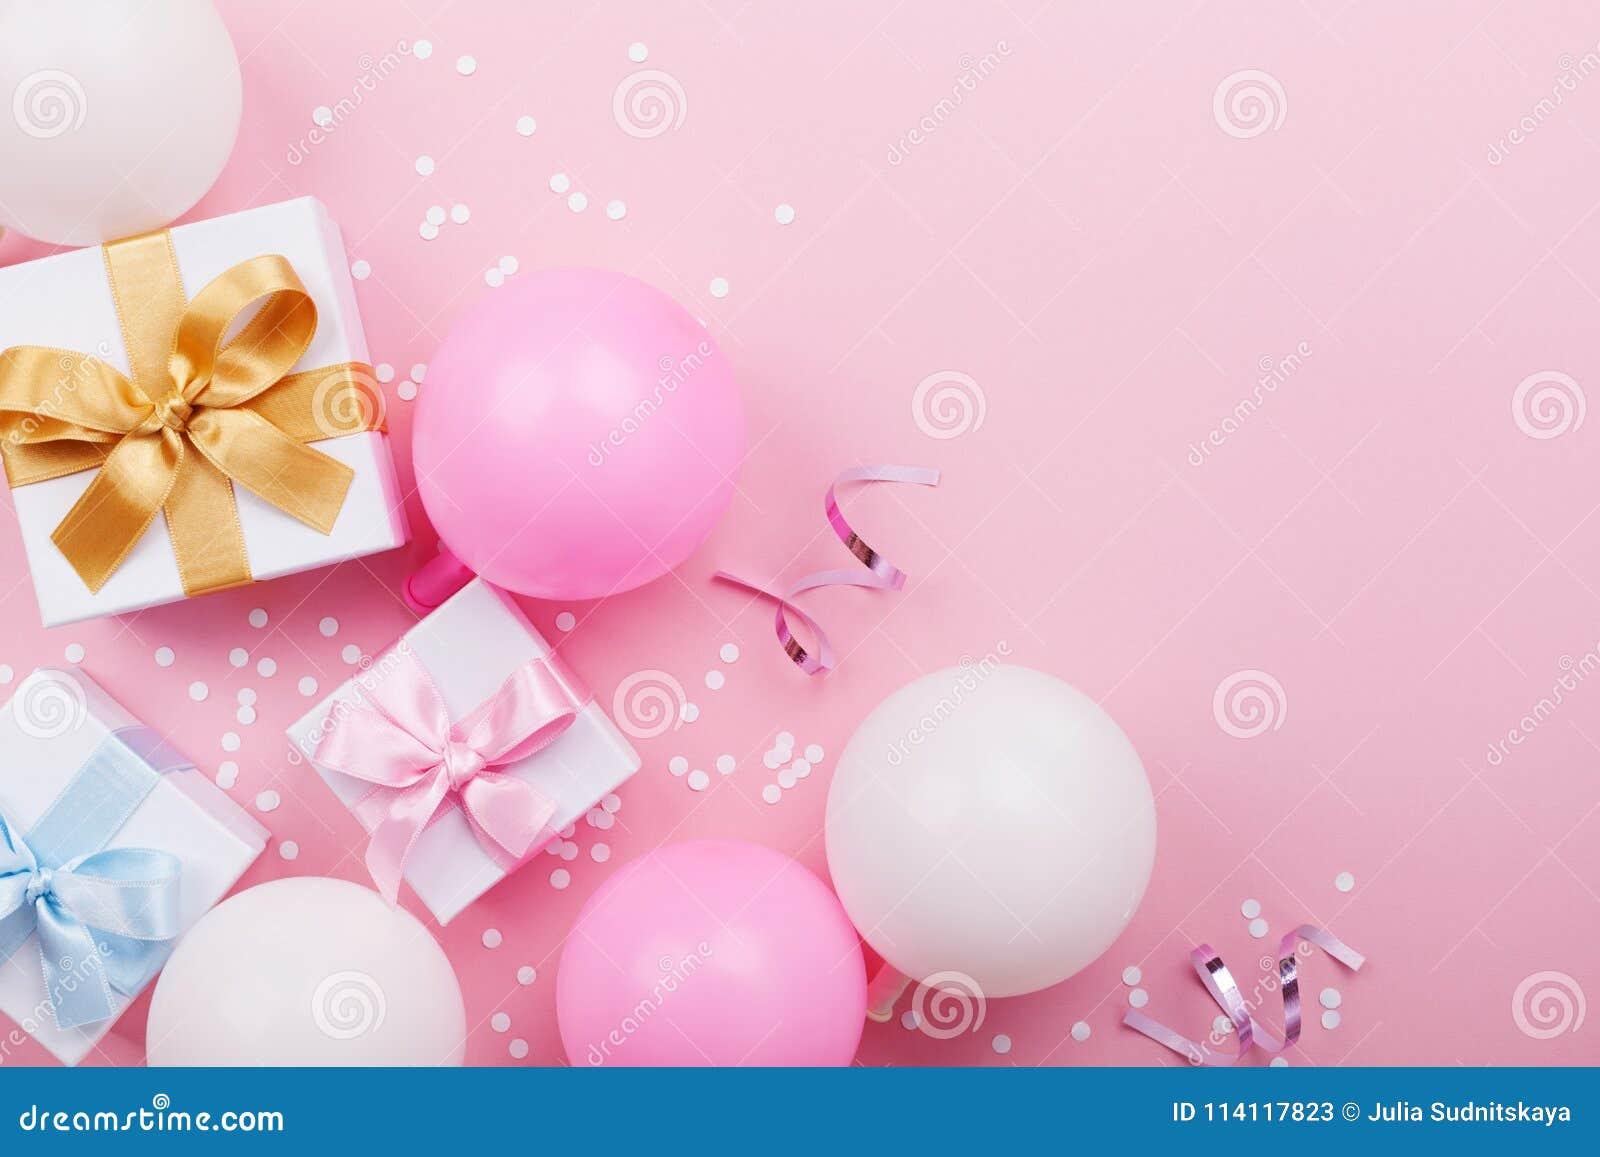 Ρόδινος πίνακας με τα μπαλόνια, το δώρο ή το παρόν κιβώτιο και τη τοπ άποψη κομφετί Επίπεδος βάλτε Σύνθεση για το θέμα γενεθλίων